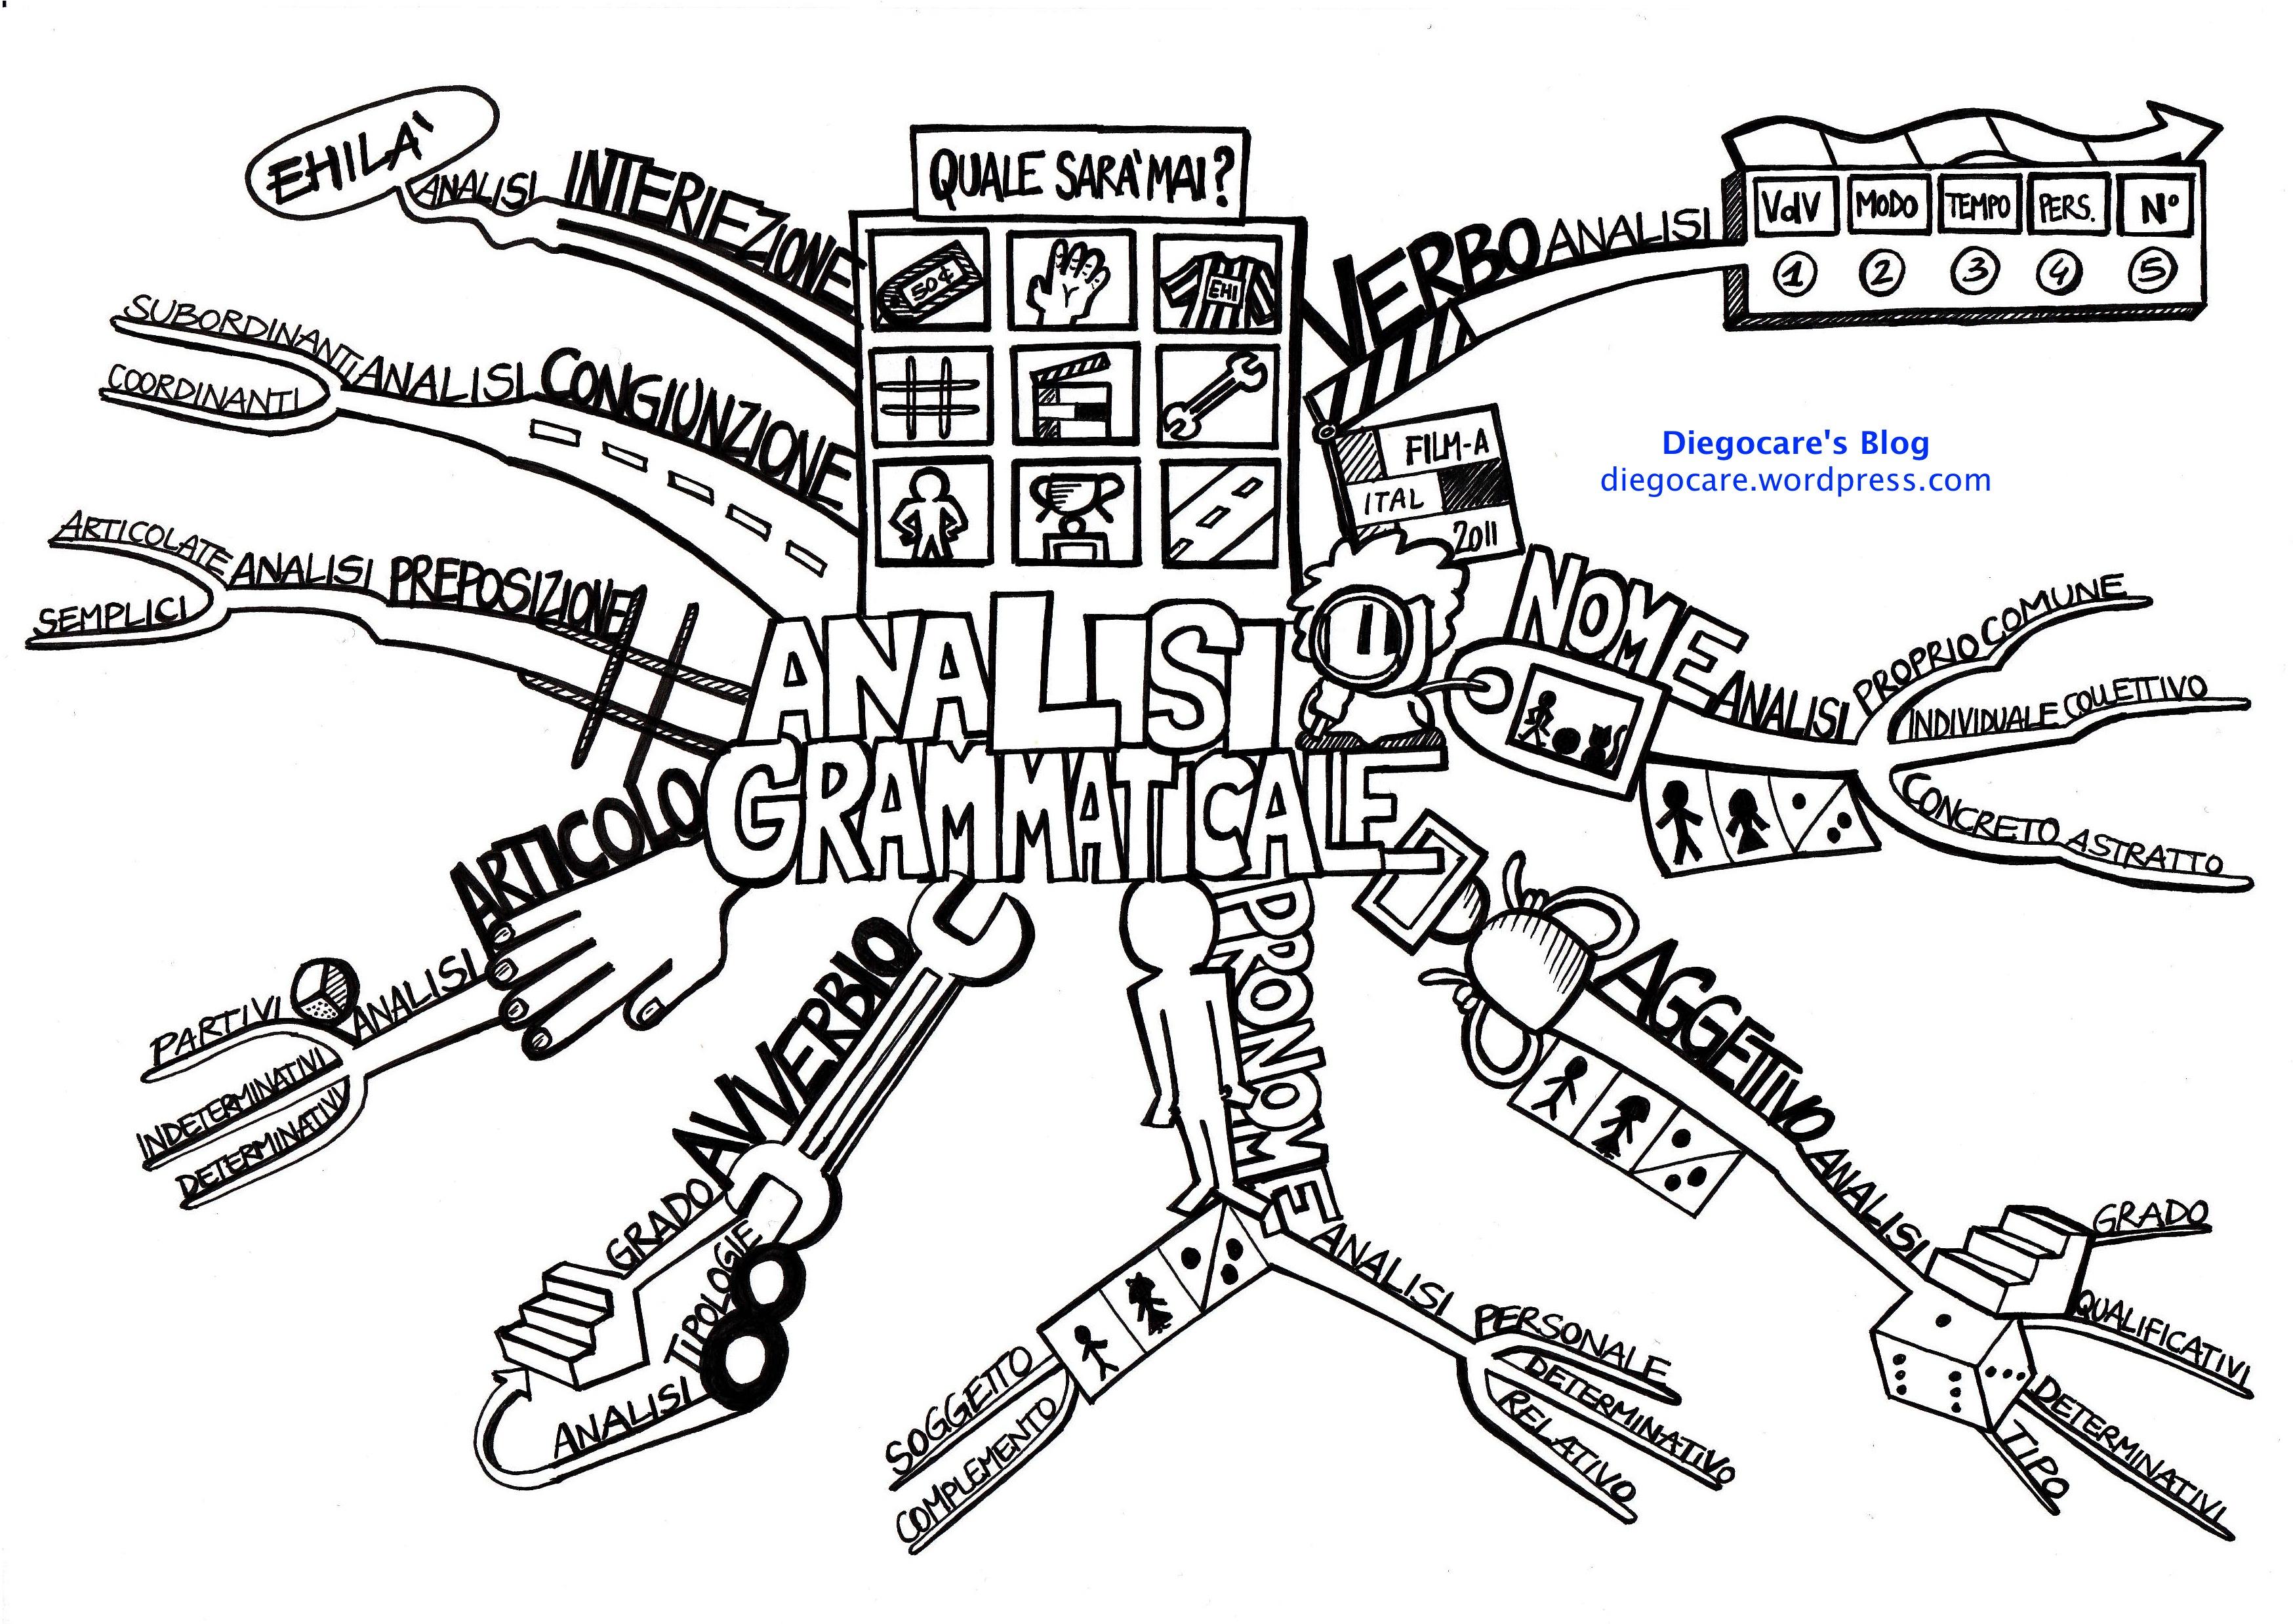 Analisi grammaticale in sintesi diegocare 39 s blog for Analisi grammaticale di diversi